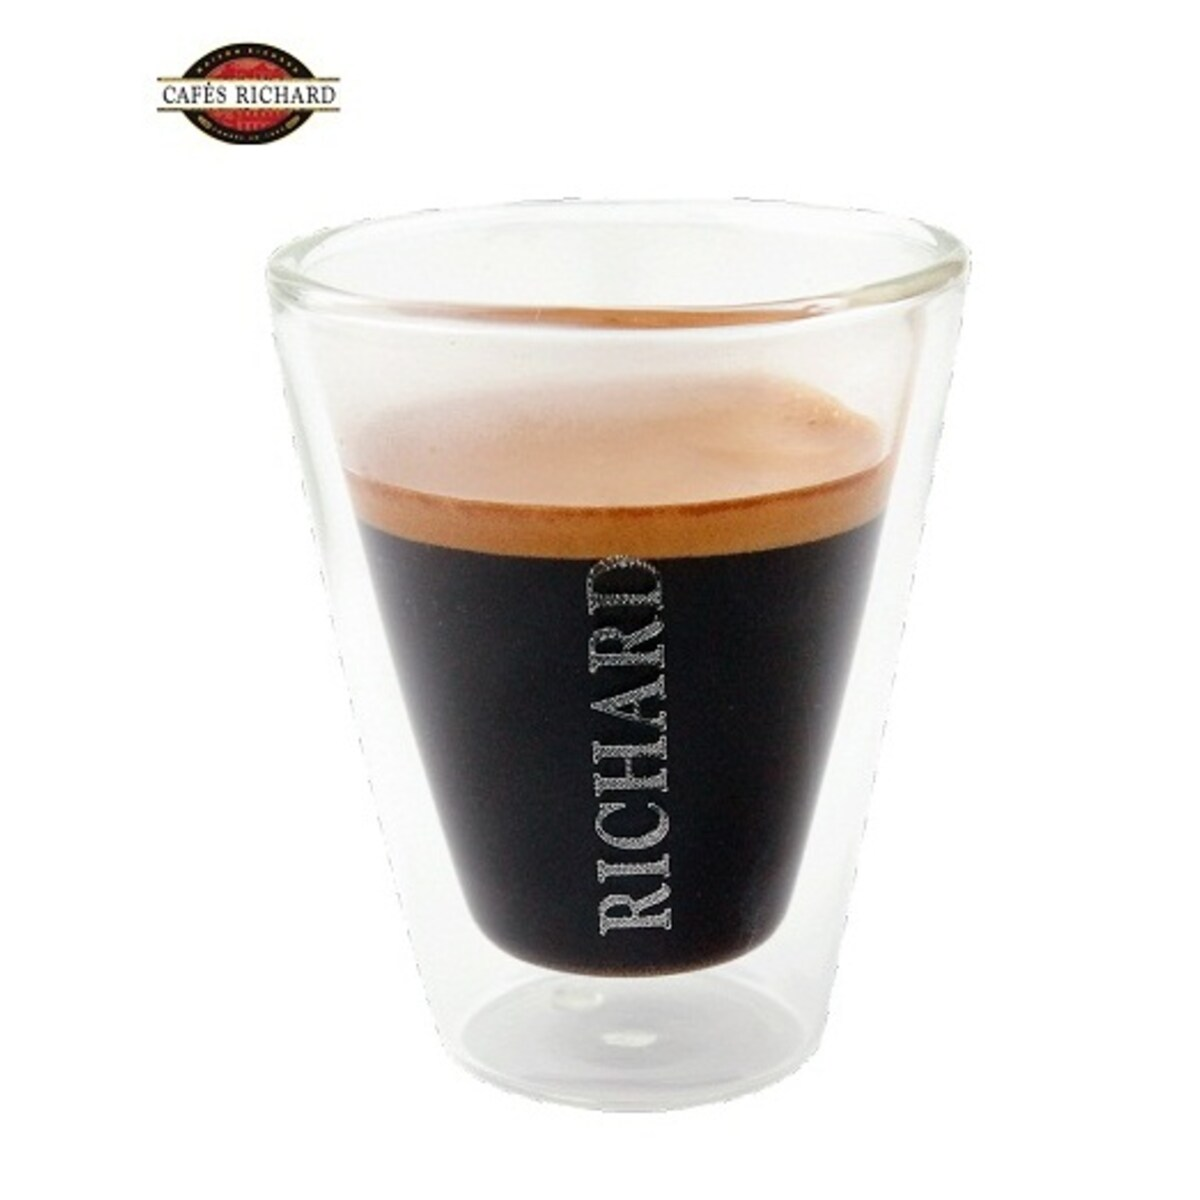 Cafés Richard drink&design - 2 бр двустенни еспресо термо чаши